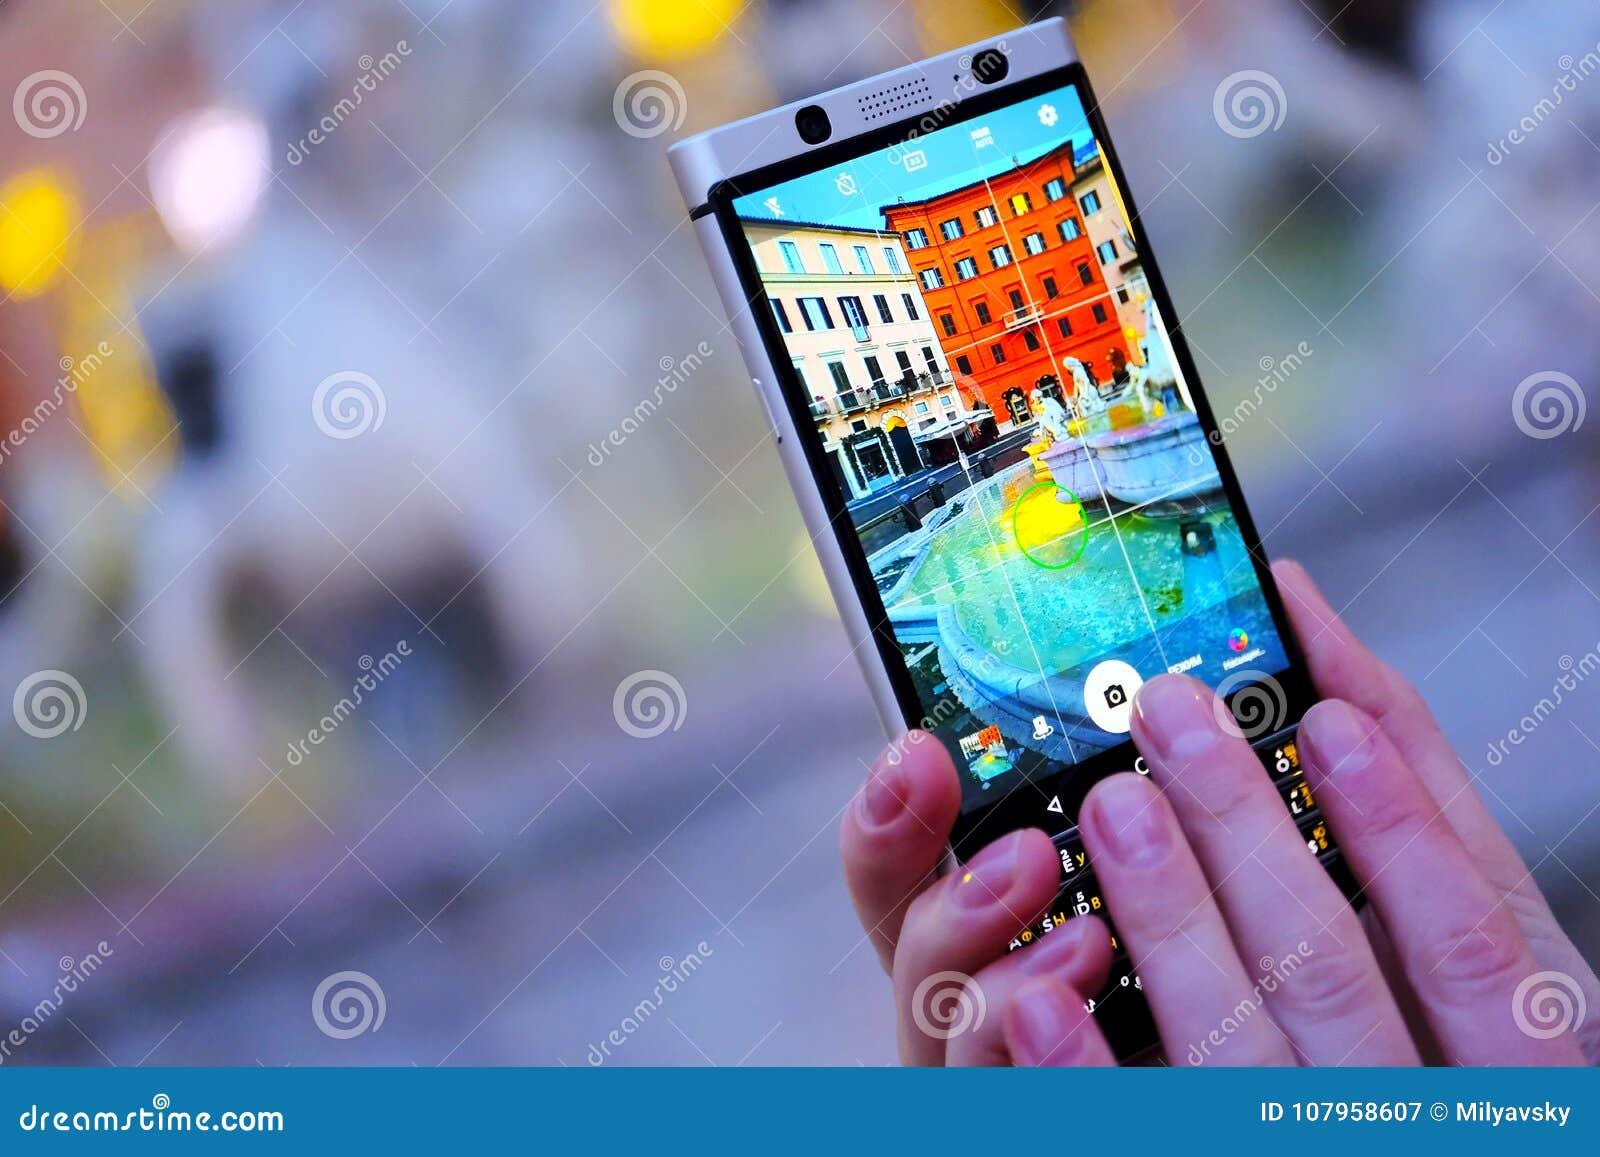 Herstellung von Fotos mit Smartphonekamera